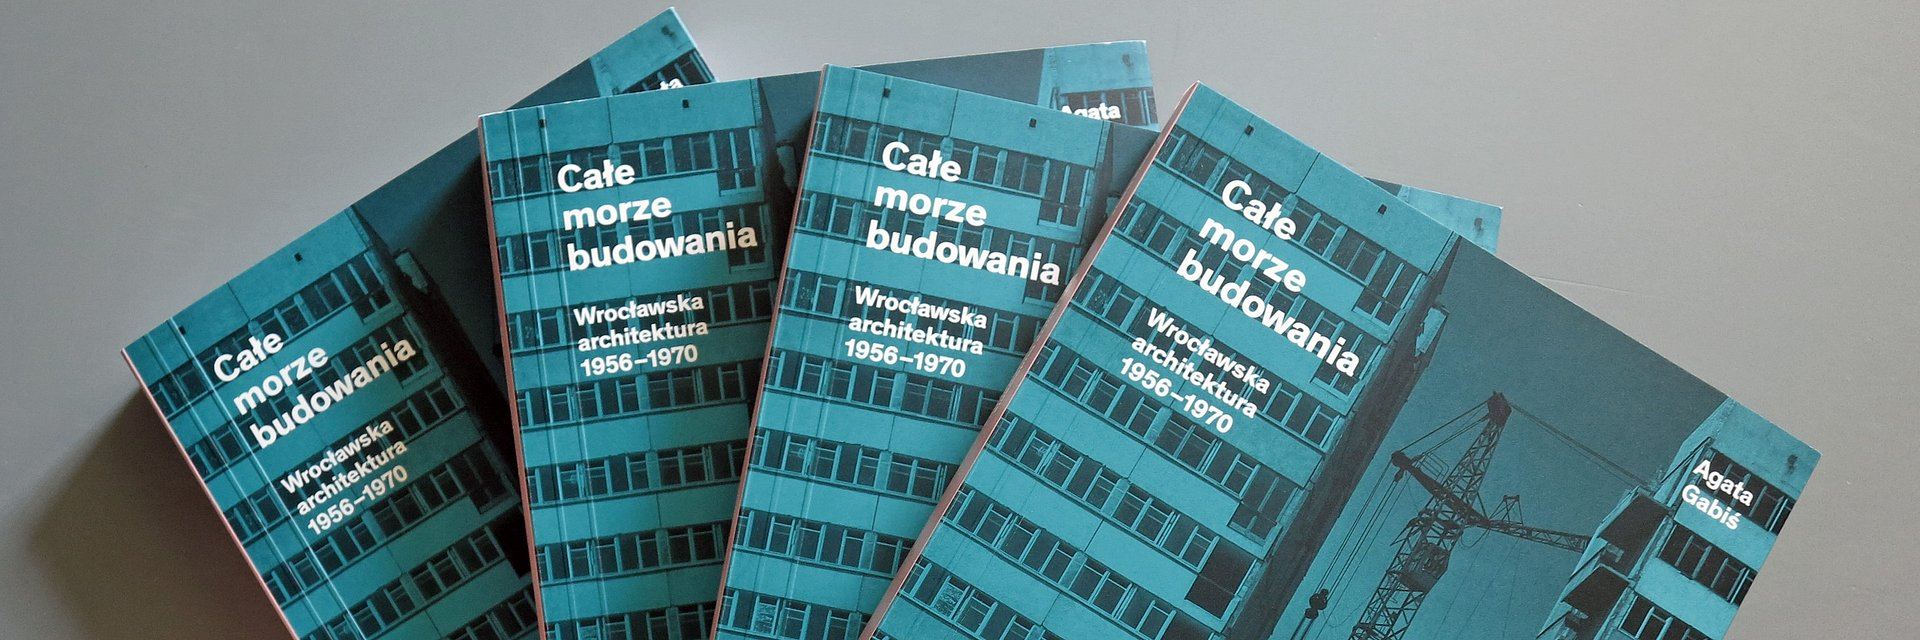 """""""Całe morze budowania"""": premiera książki o wrocławskiej architekturze lat 1956-70"""